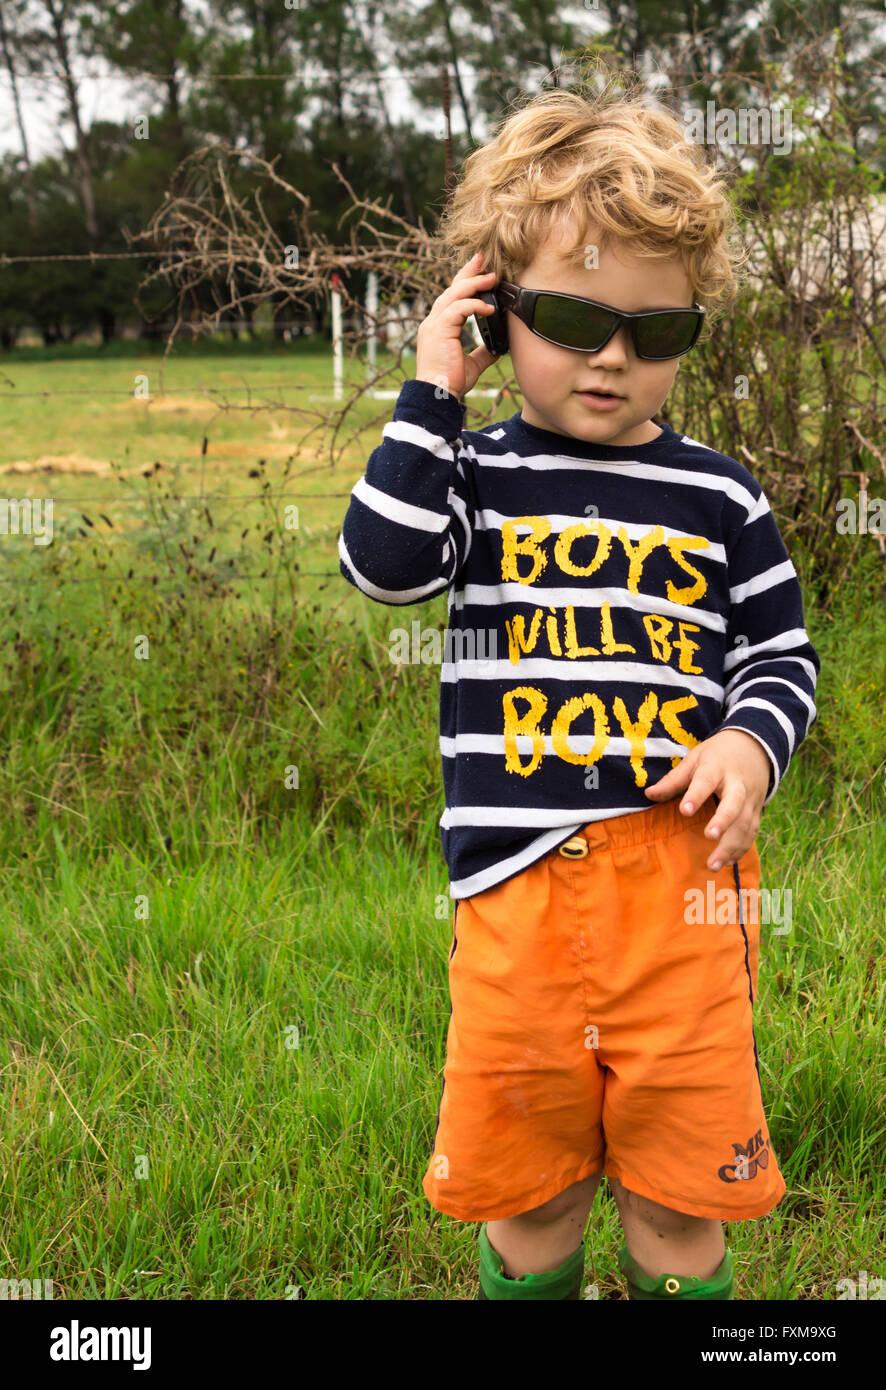 Foto de joven con gafas de sol hablando con una tapa de lente de cámara pretendiendo es un teléfono móvil en un Foto de stock